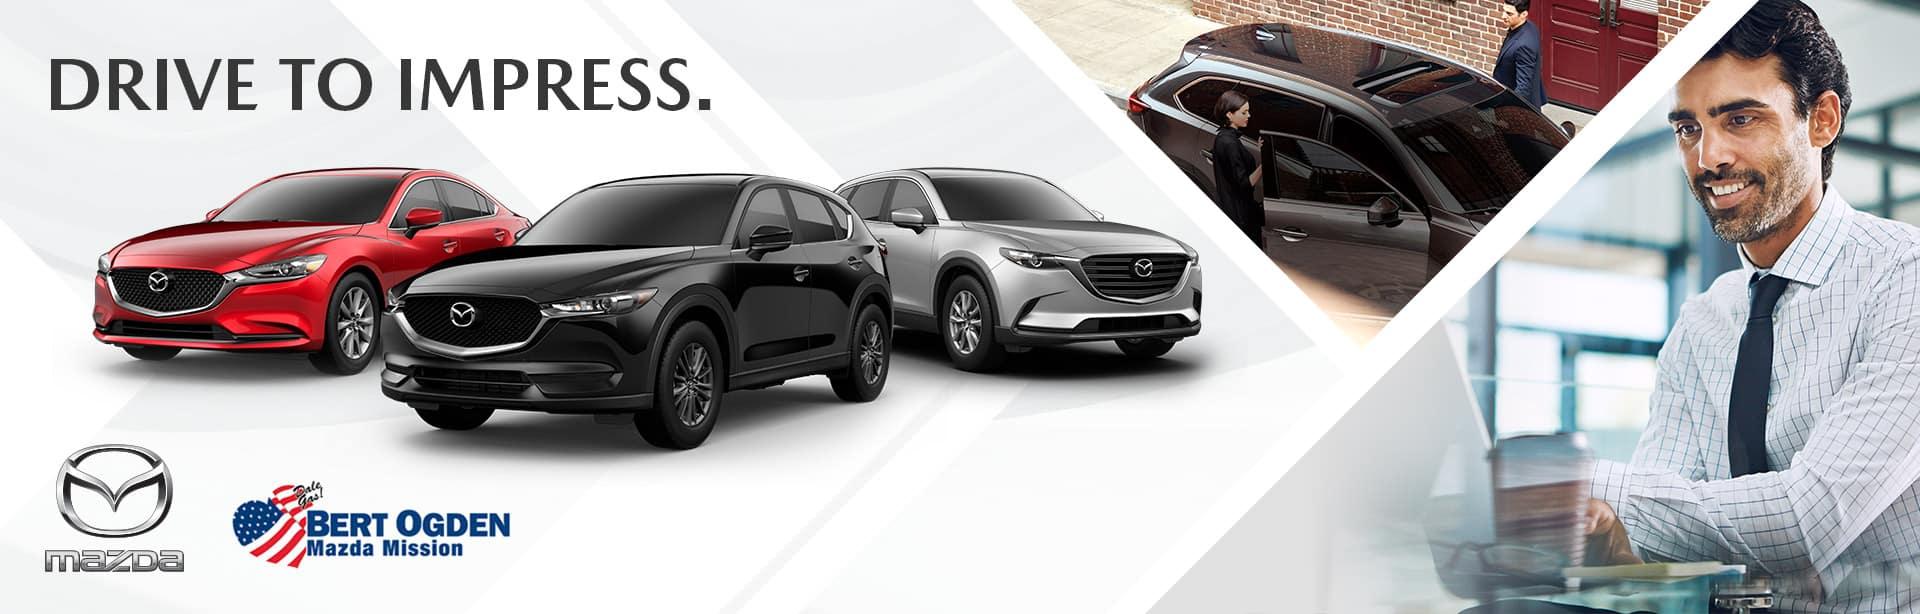 Drive to Impress | Bert Ogden Mission Mazda | Mission, TX